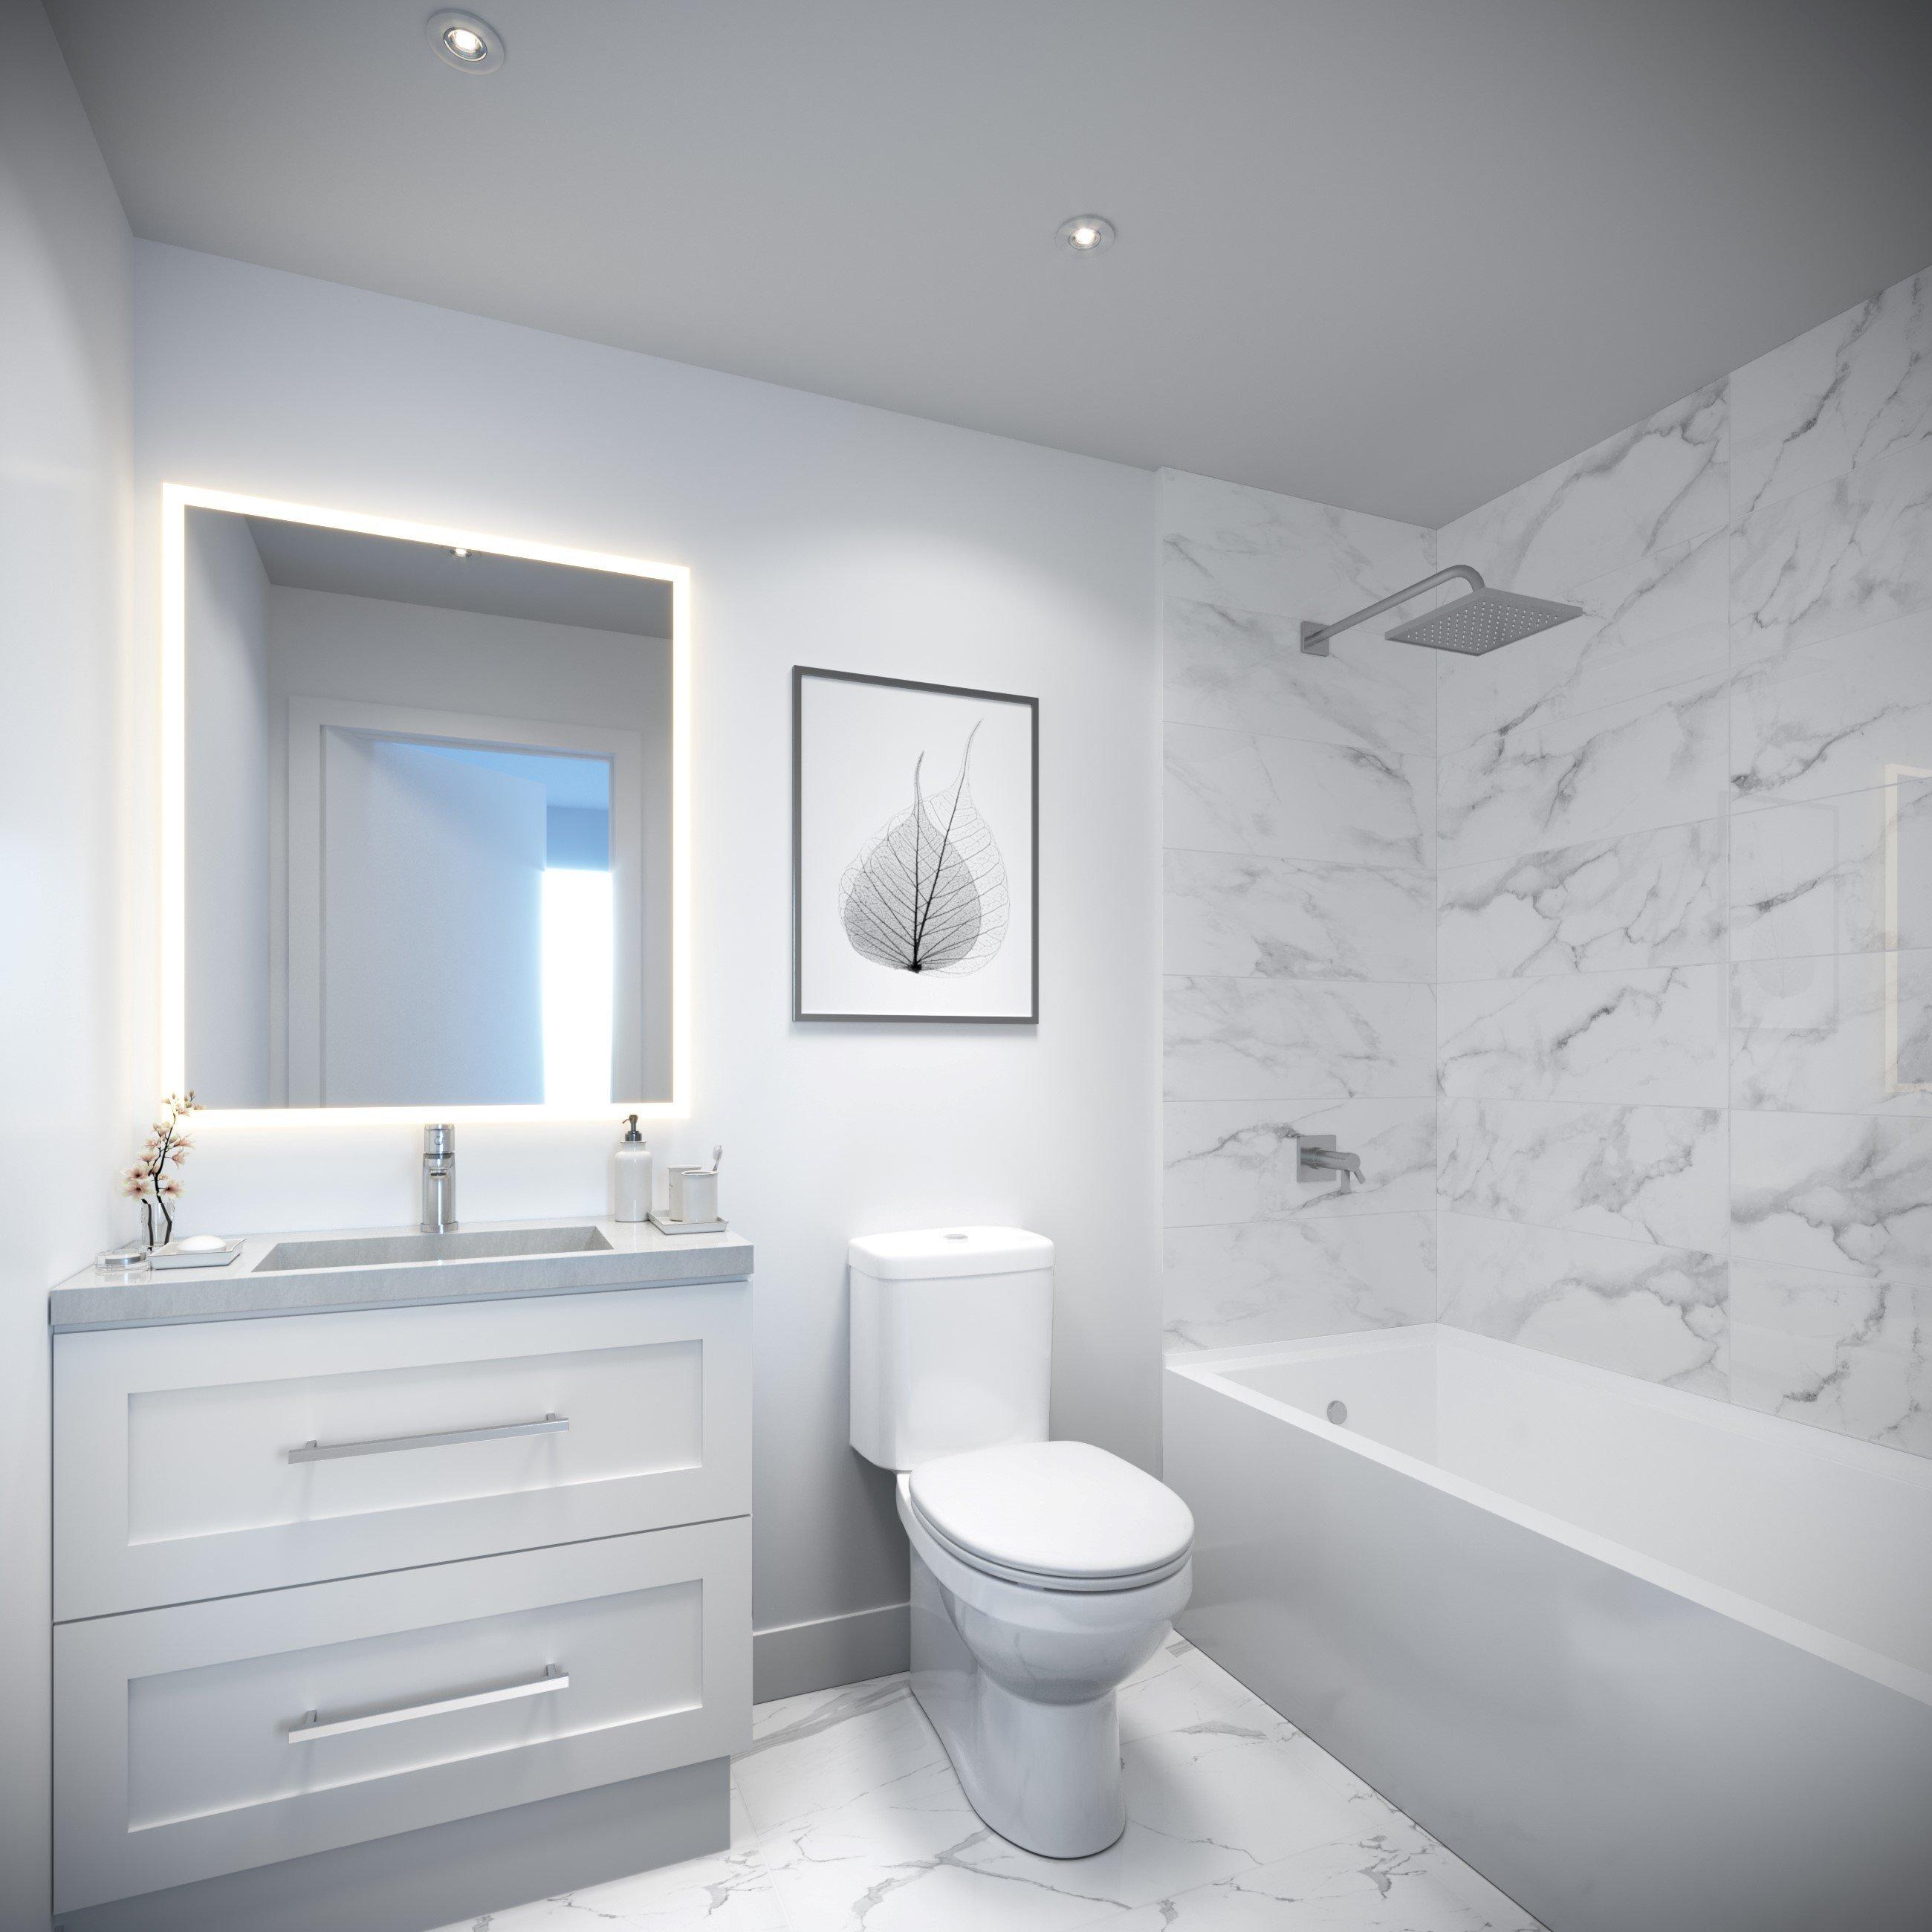 ELIOT 2688 Duke Street Bathroom Light Scheme!